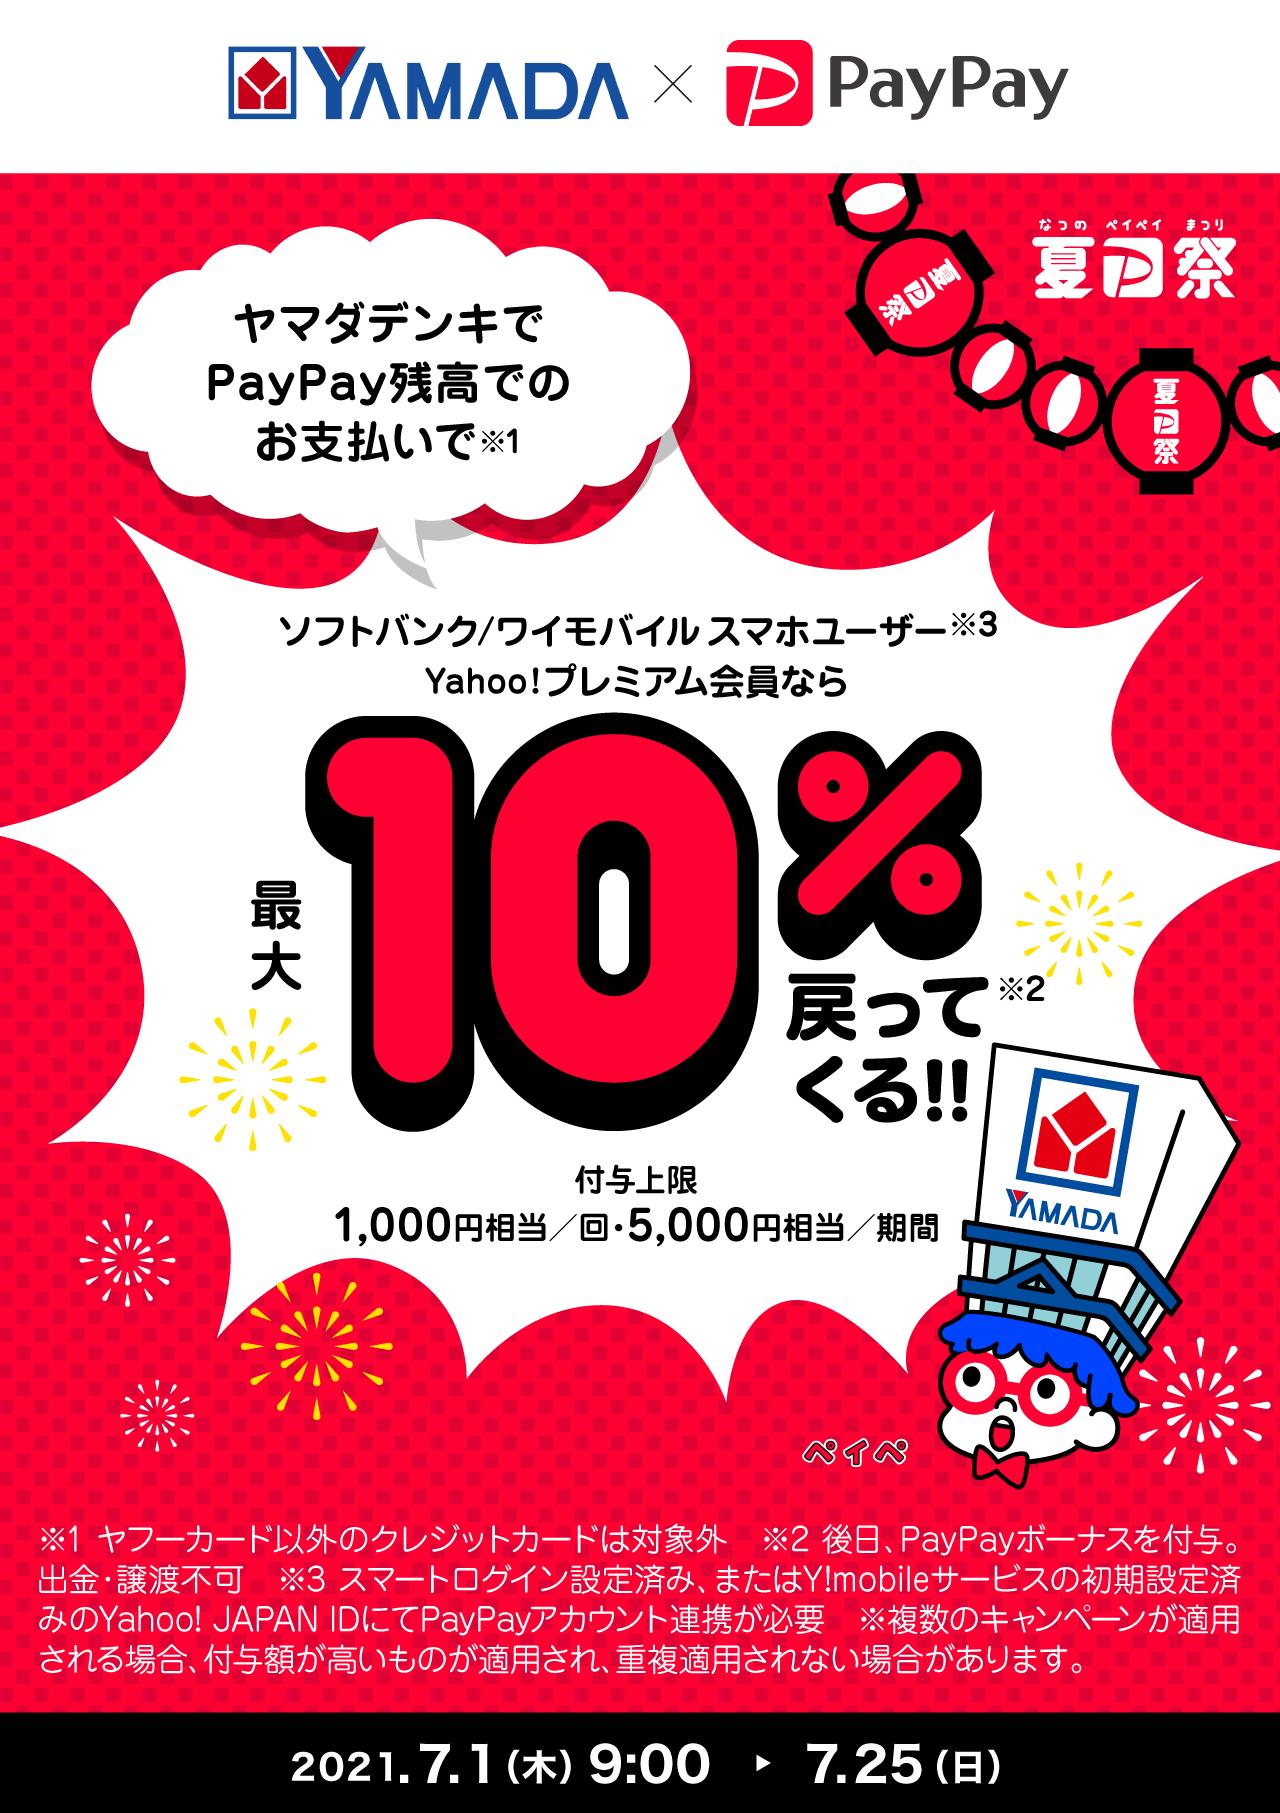 ヤマダデンキでPayPay残高でのお支払いで最大10%戻ってくる!!